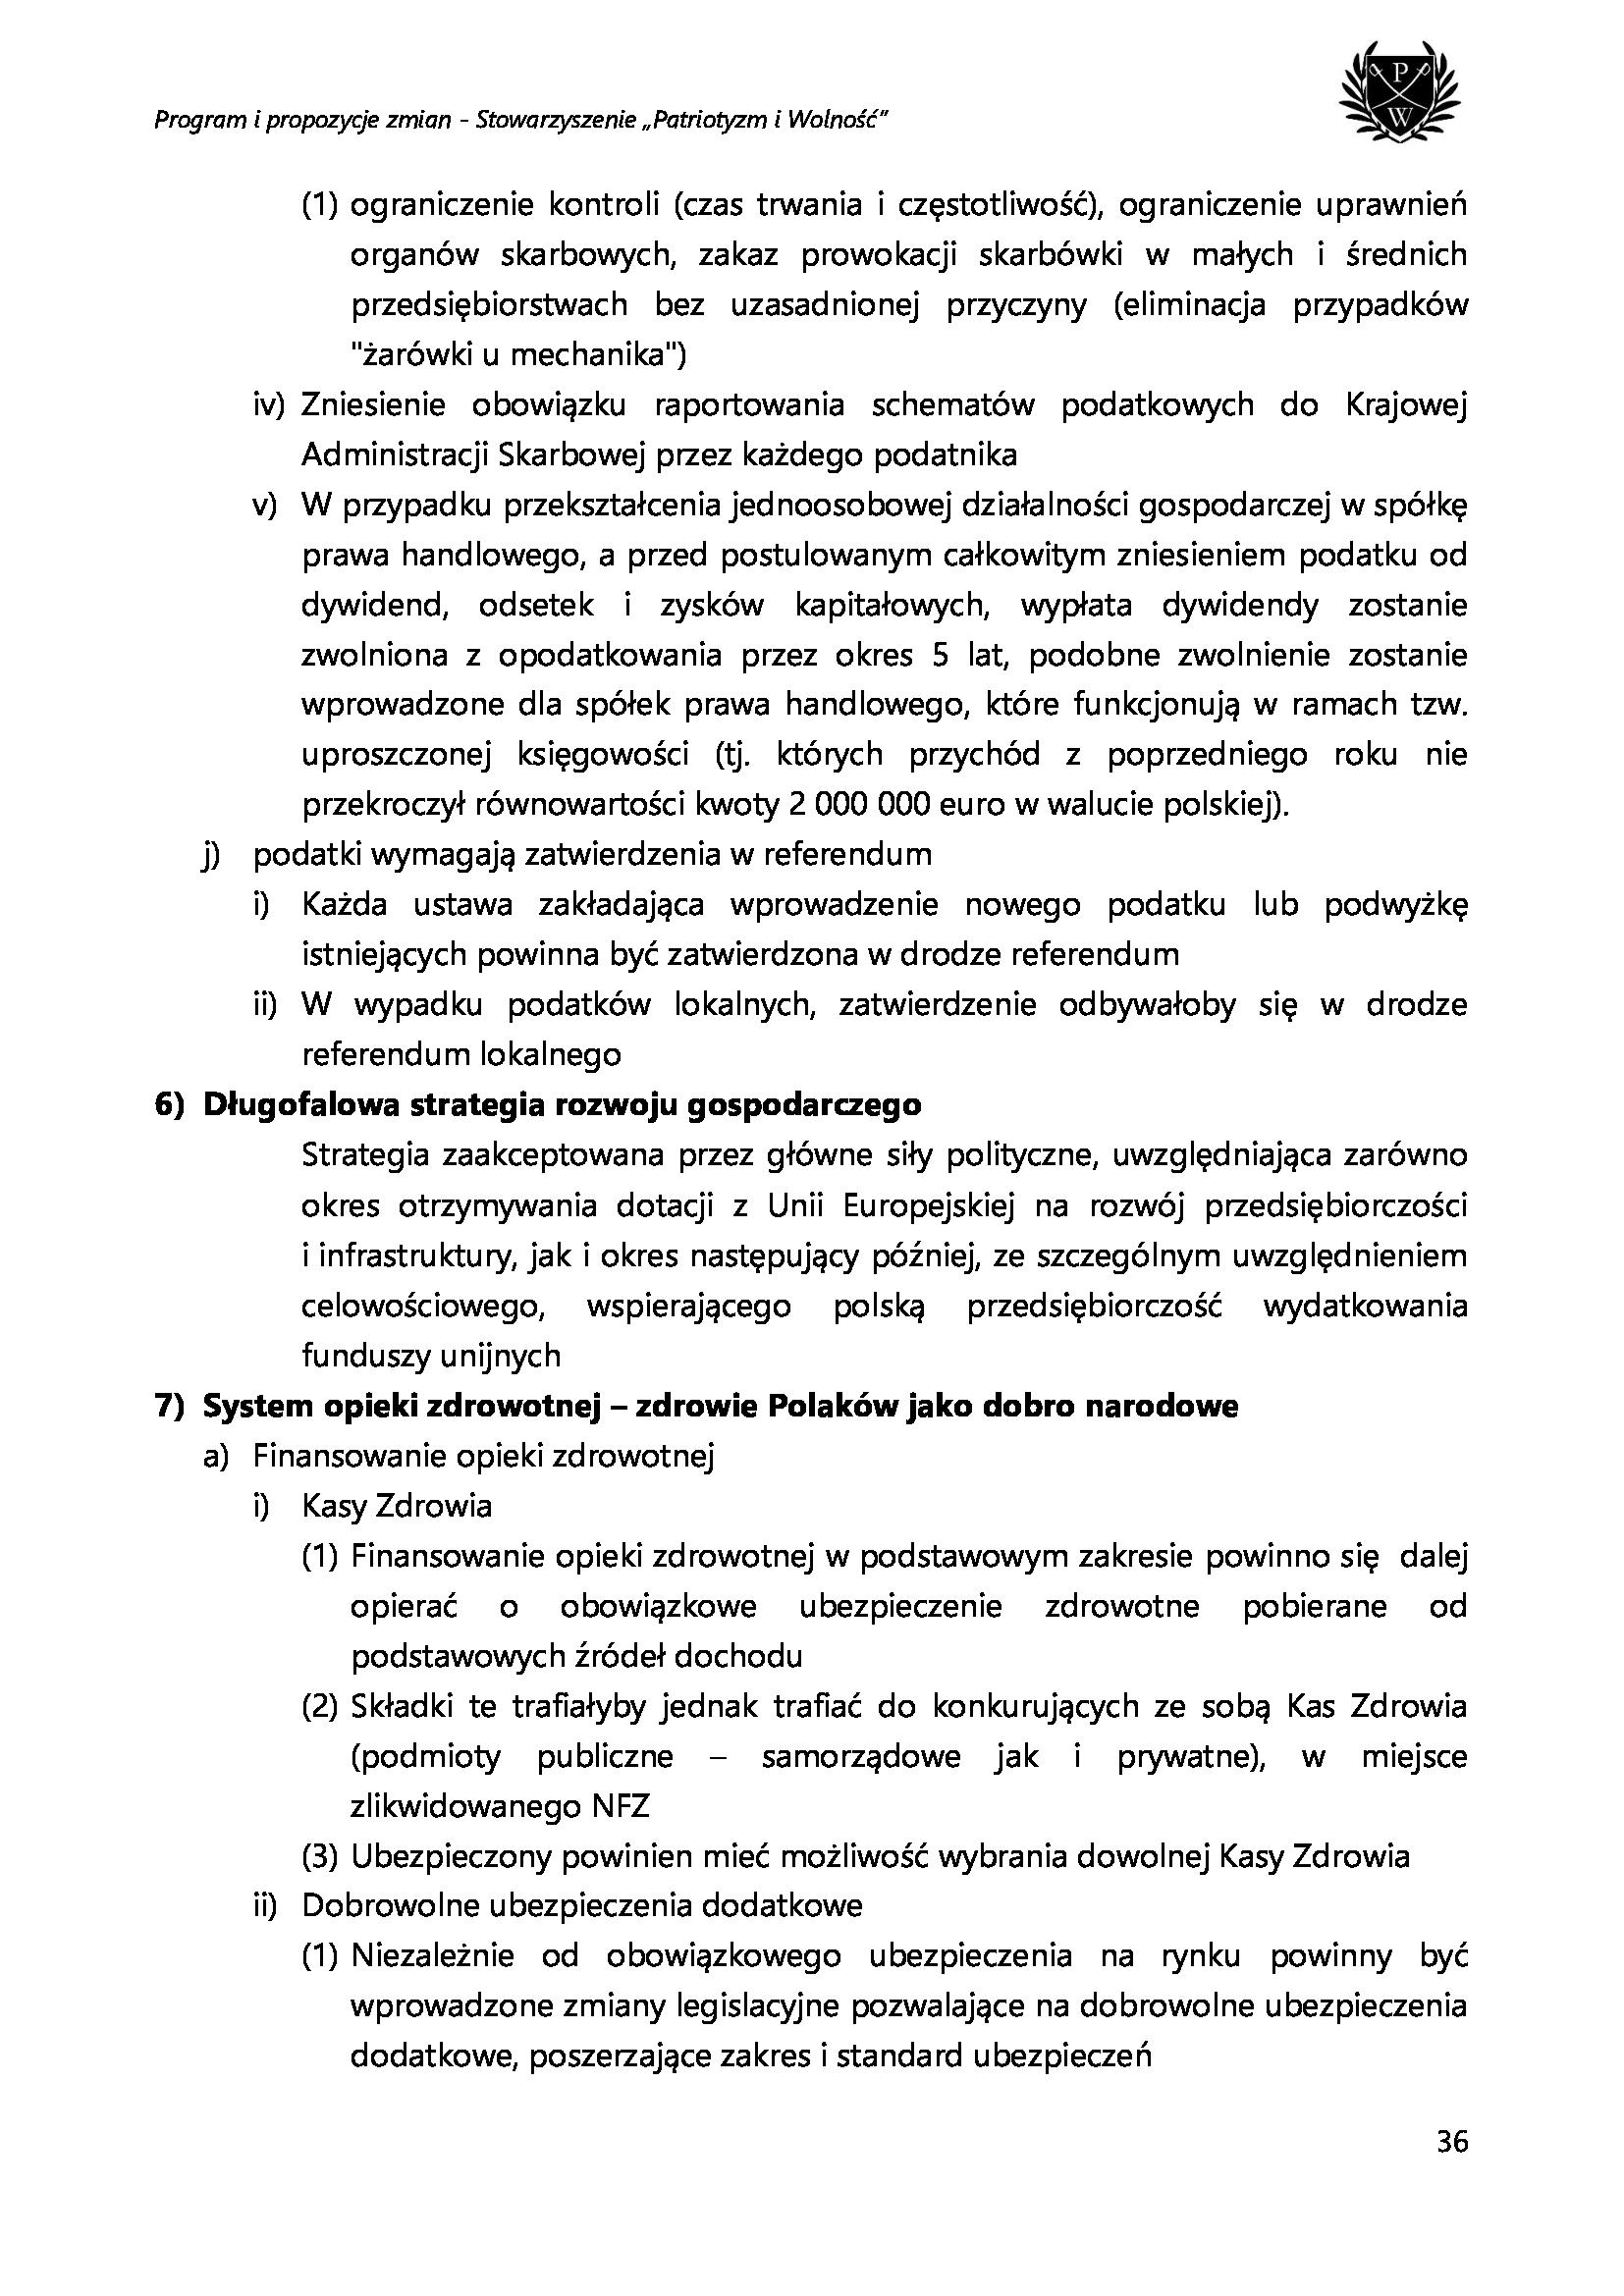 db9e272ef5a9a2e66d26f1905be6c507-36